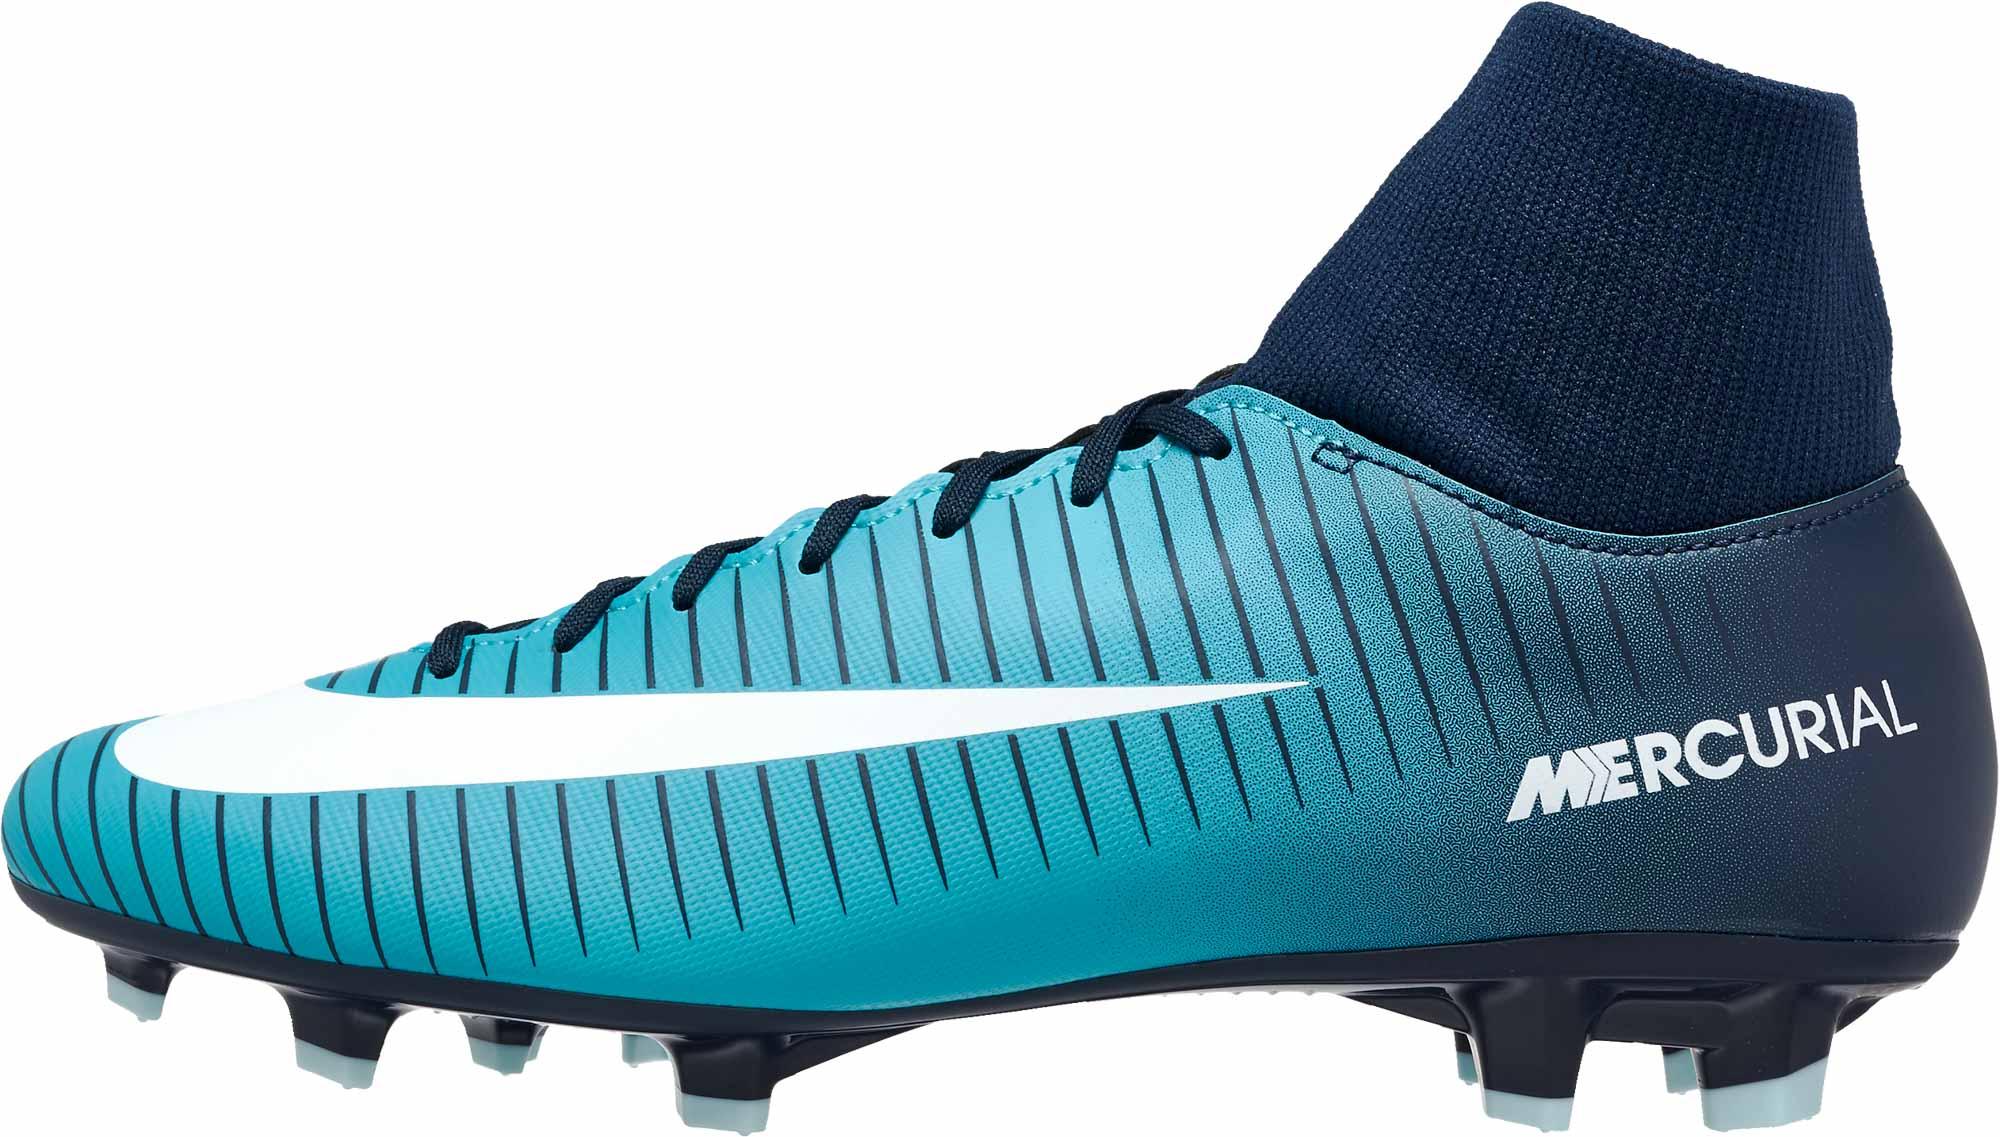 Nike Mercurial Victory VI DF FG